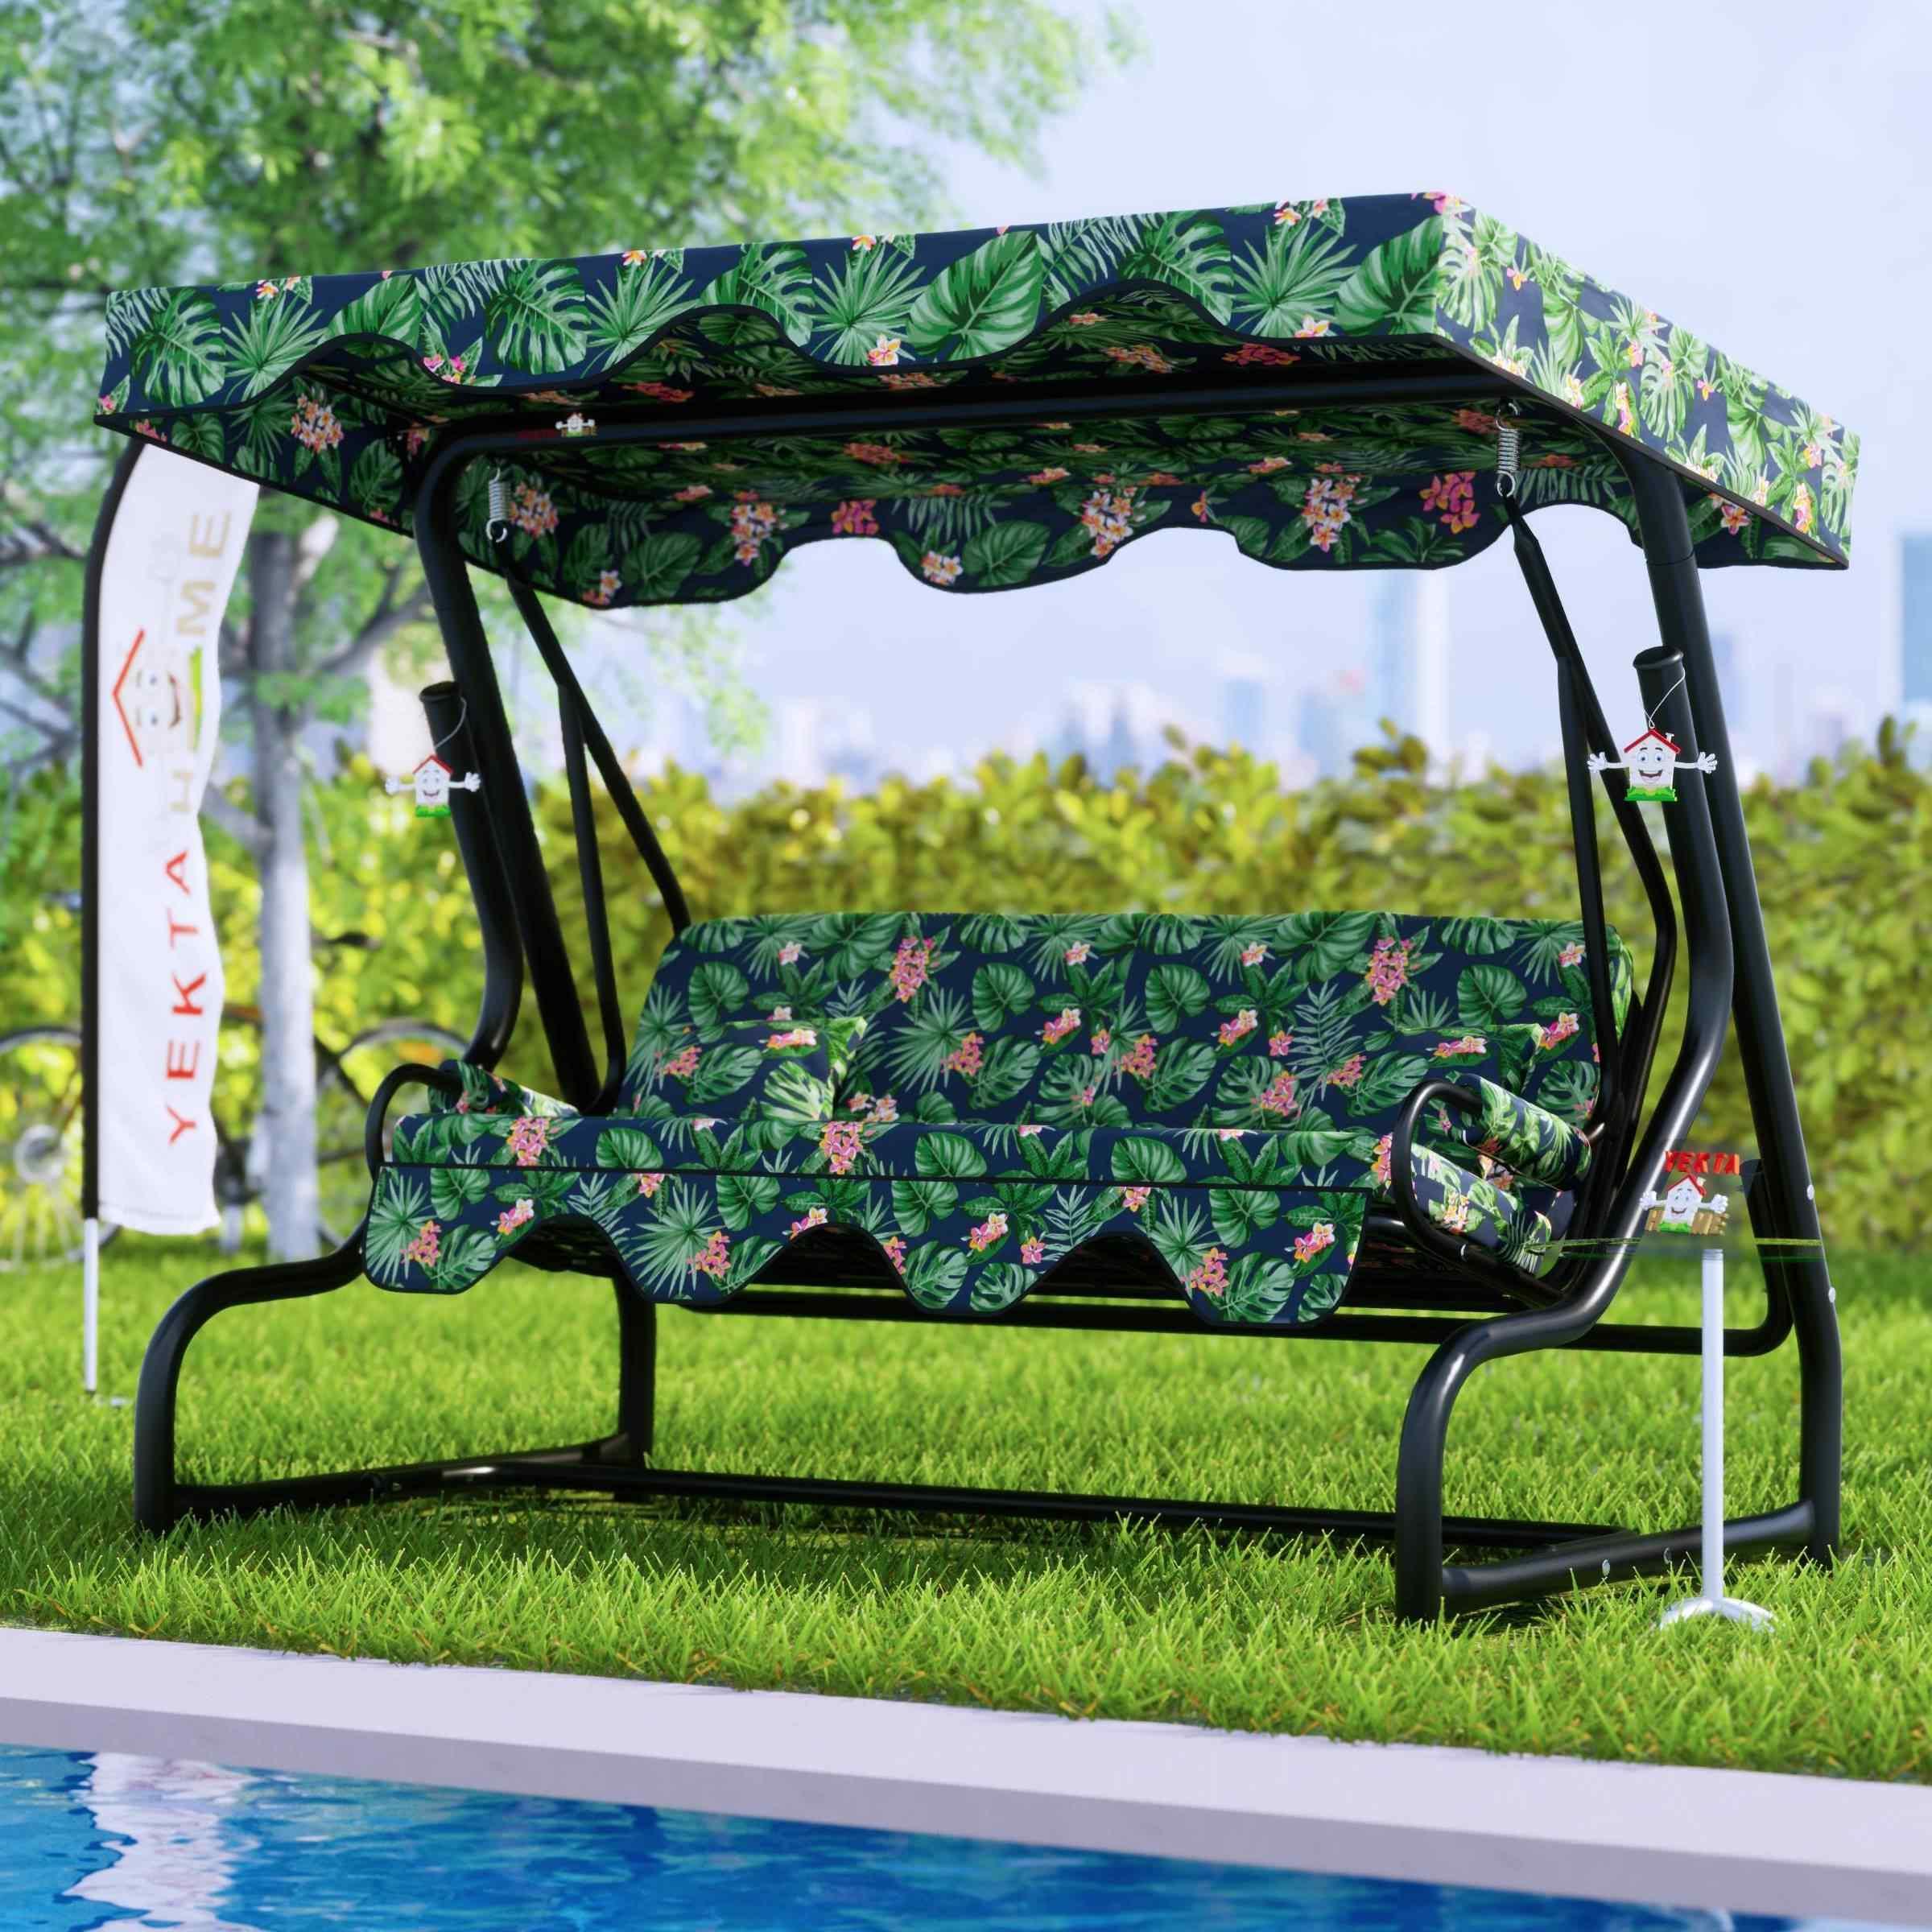 Yekta Tropik 3 Kişilik Bahçe Salıncağı Balkon Salıncak 200 cm